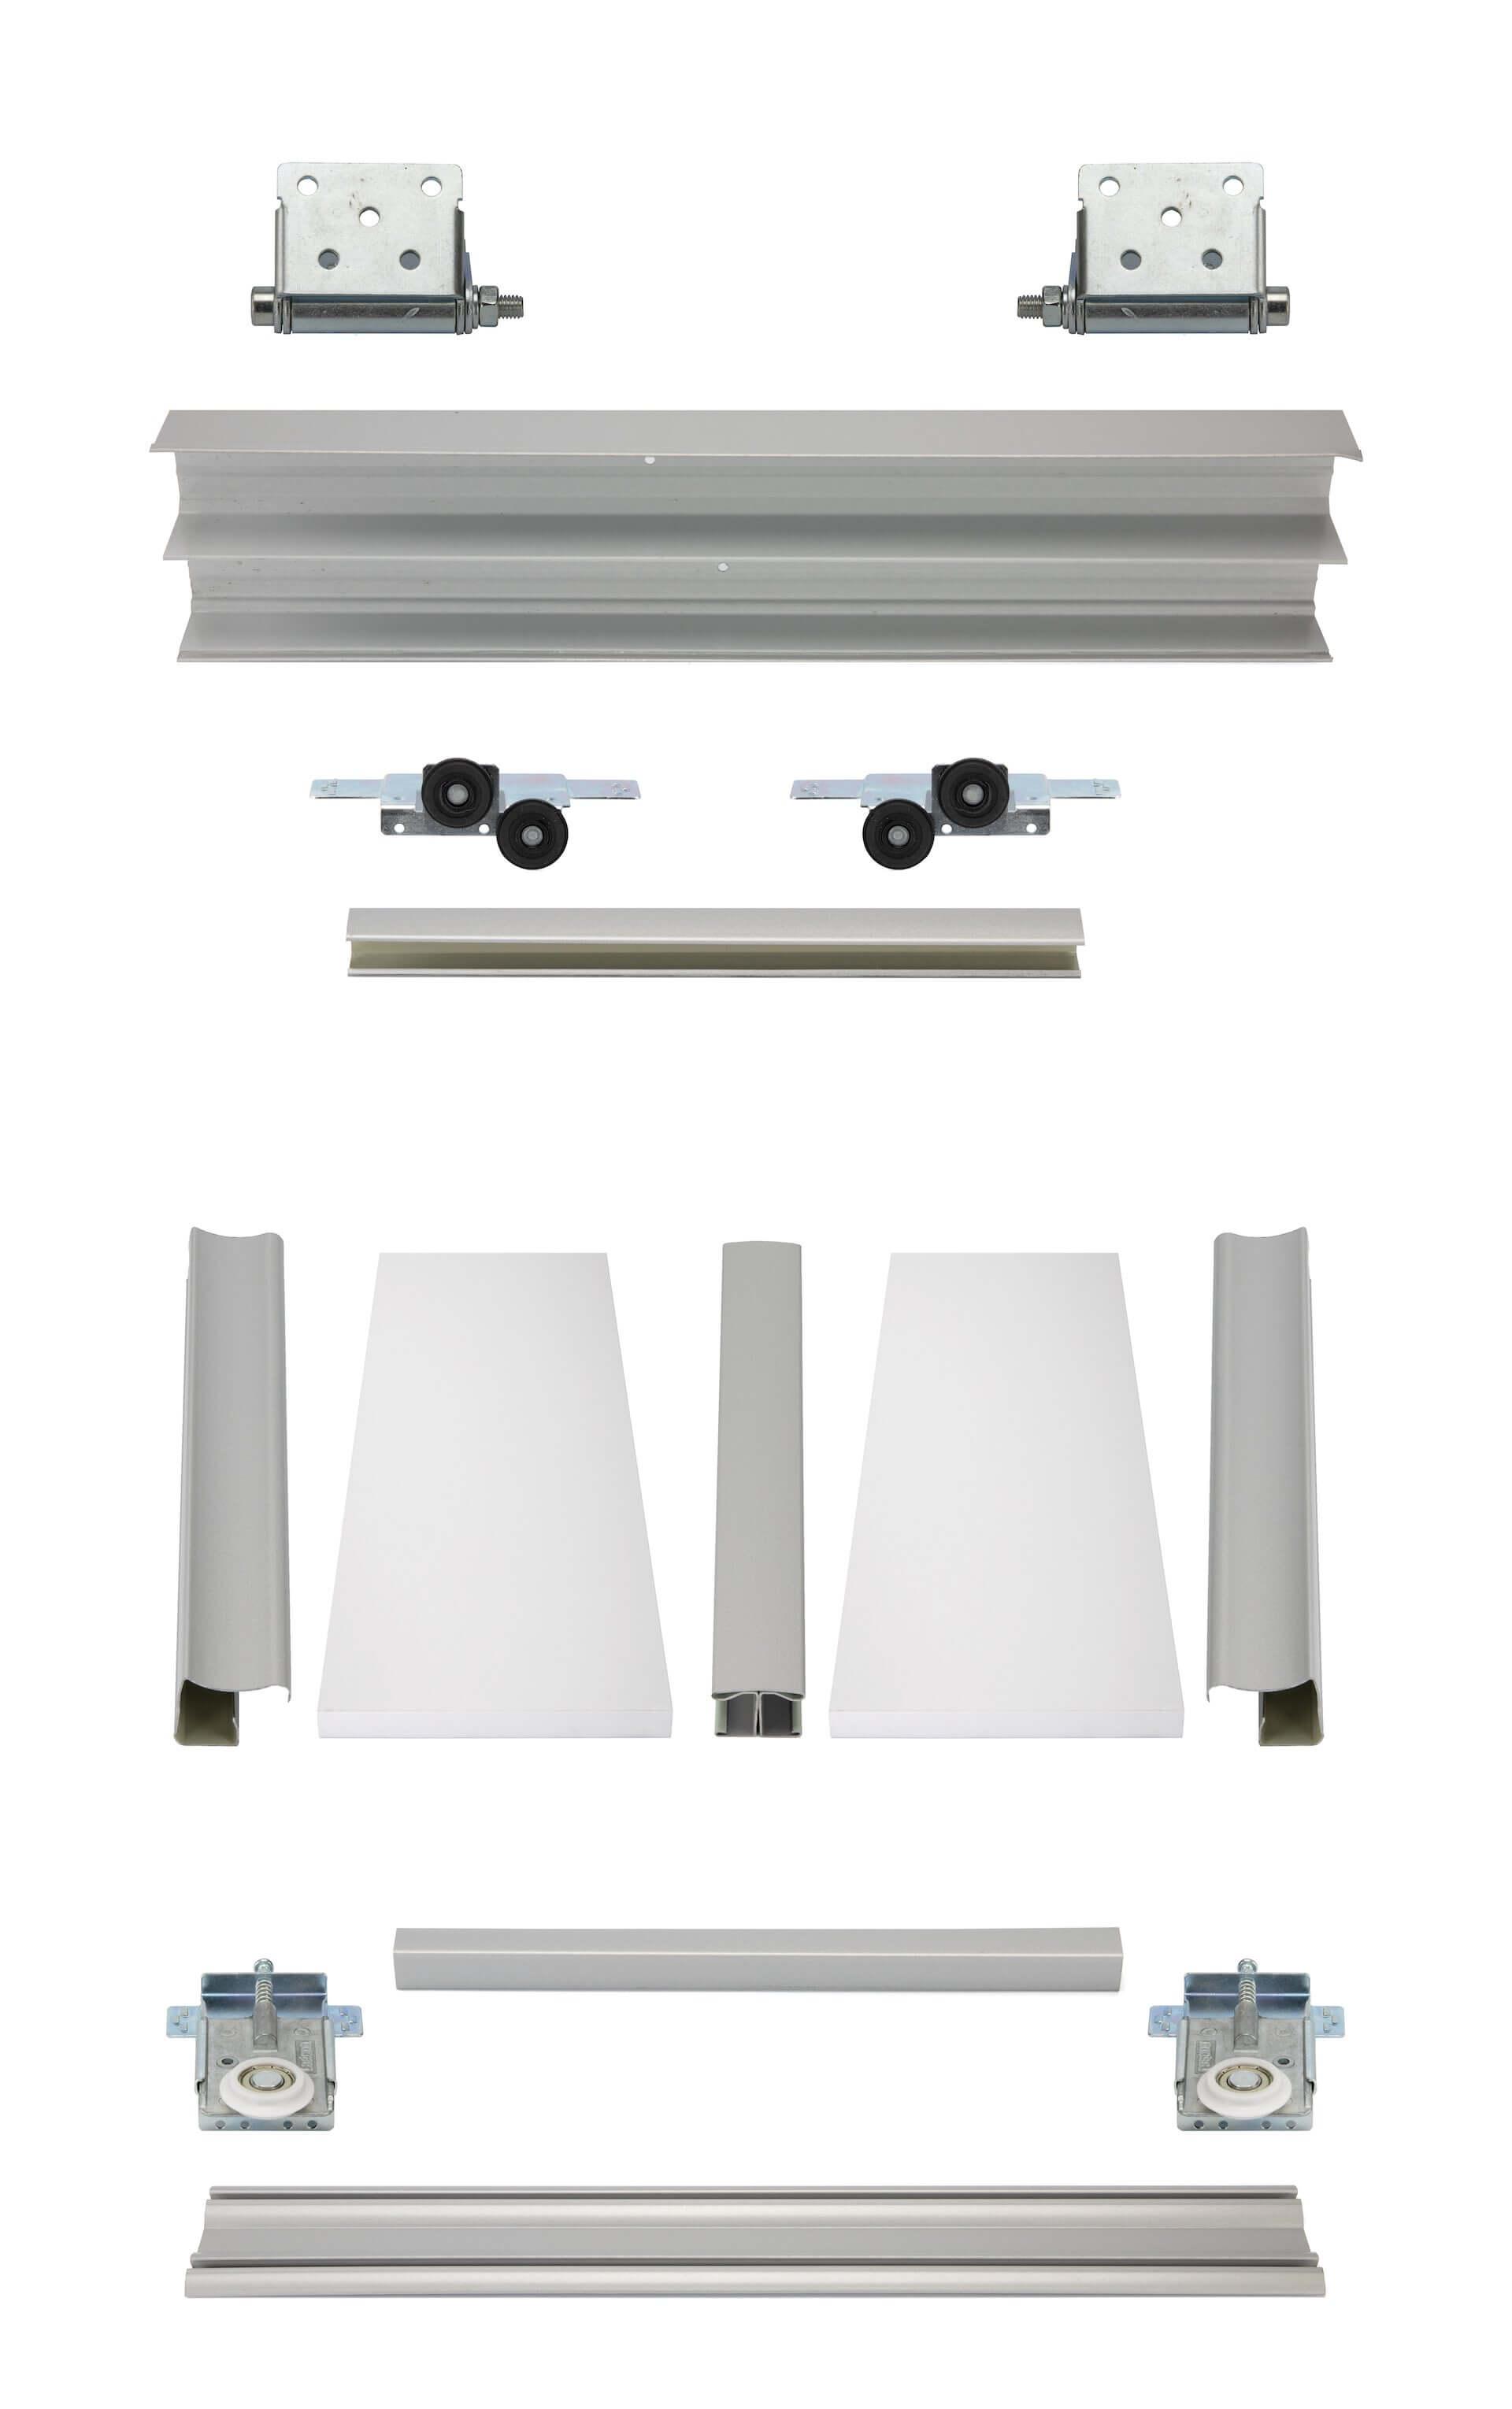 BS-Komplett als Drempelset | Weiße Holzschiebetüren mit veredelten Stahlprofilen unter Dachschrägen